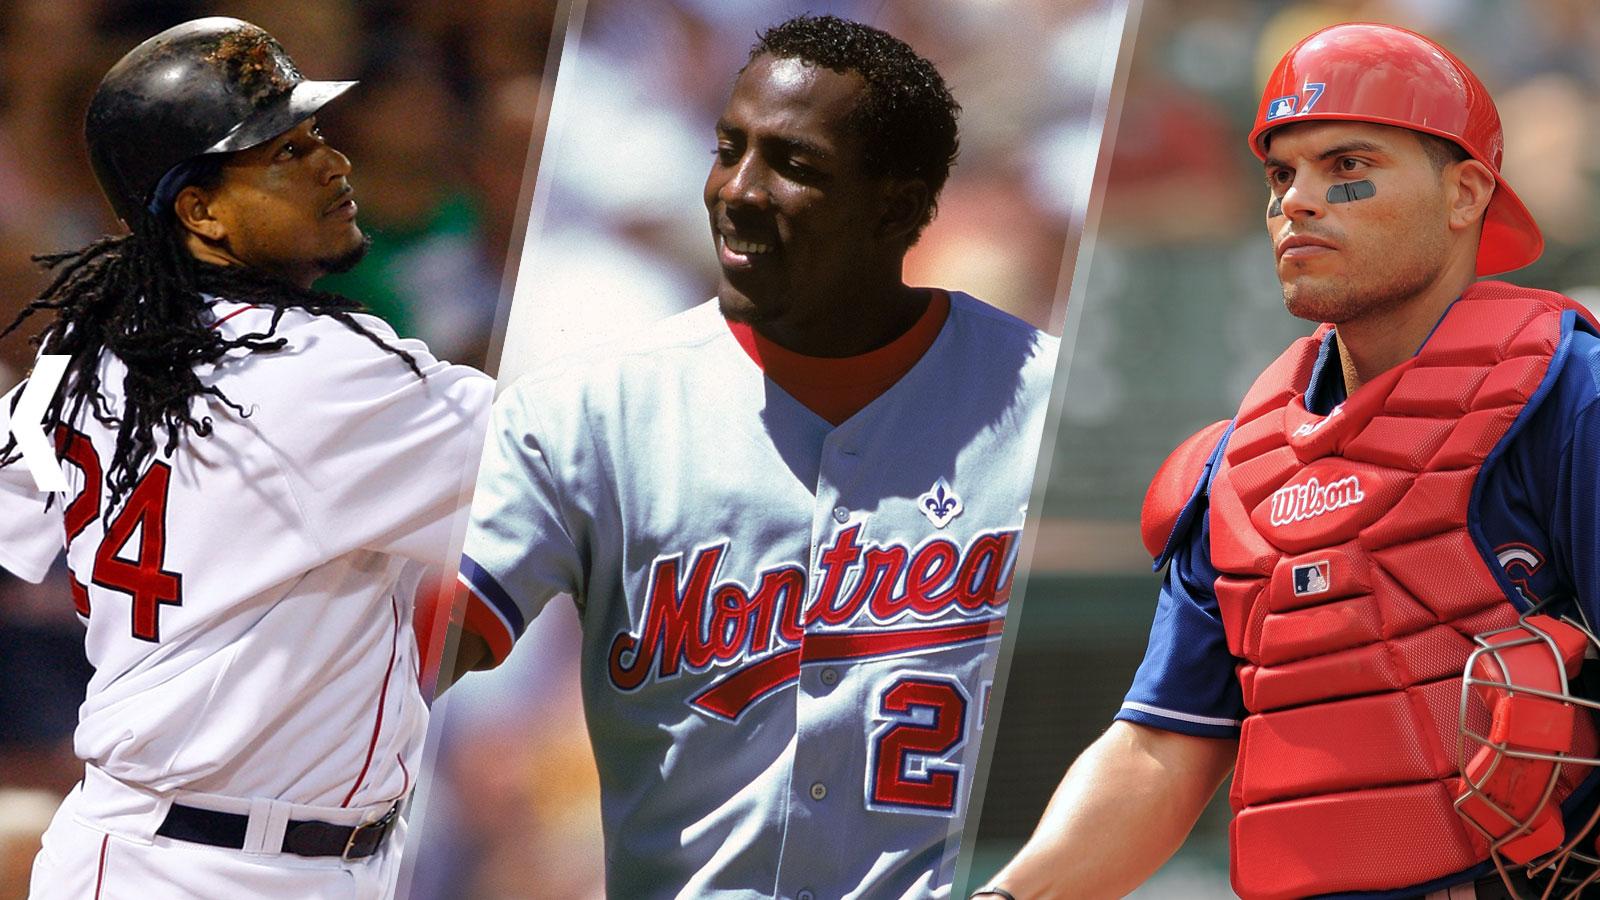 010716-MLB-Ramirez-Guerrero-Rodriguez-PI-DP